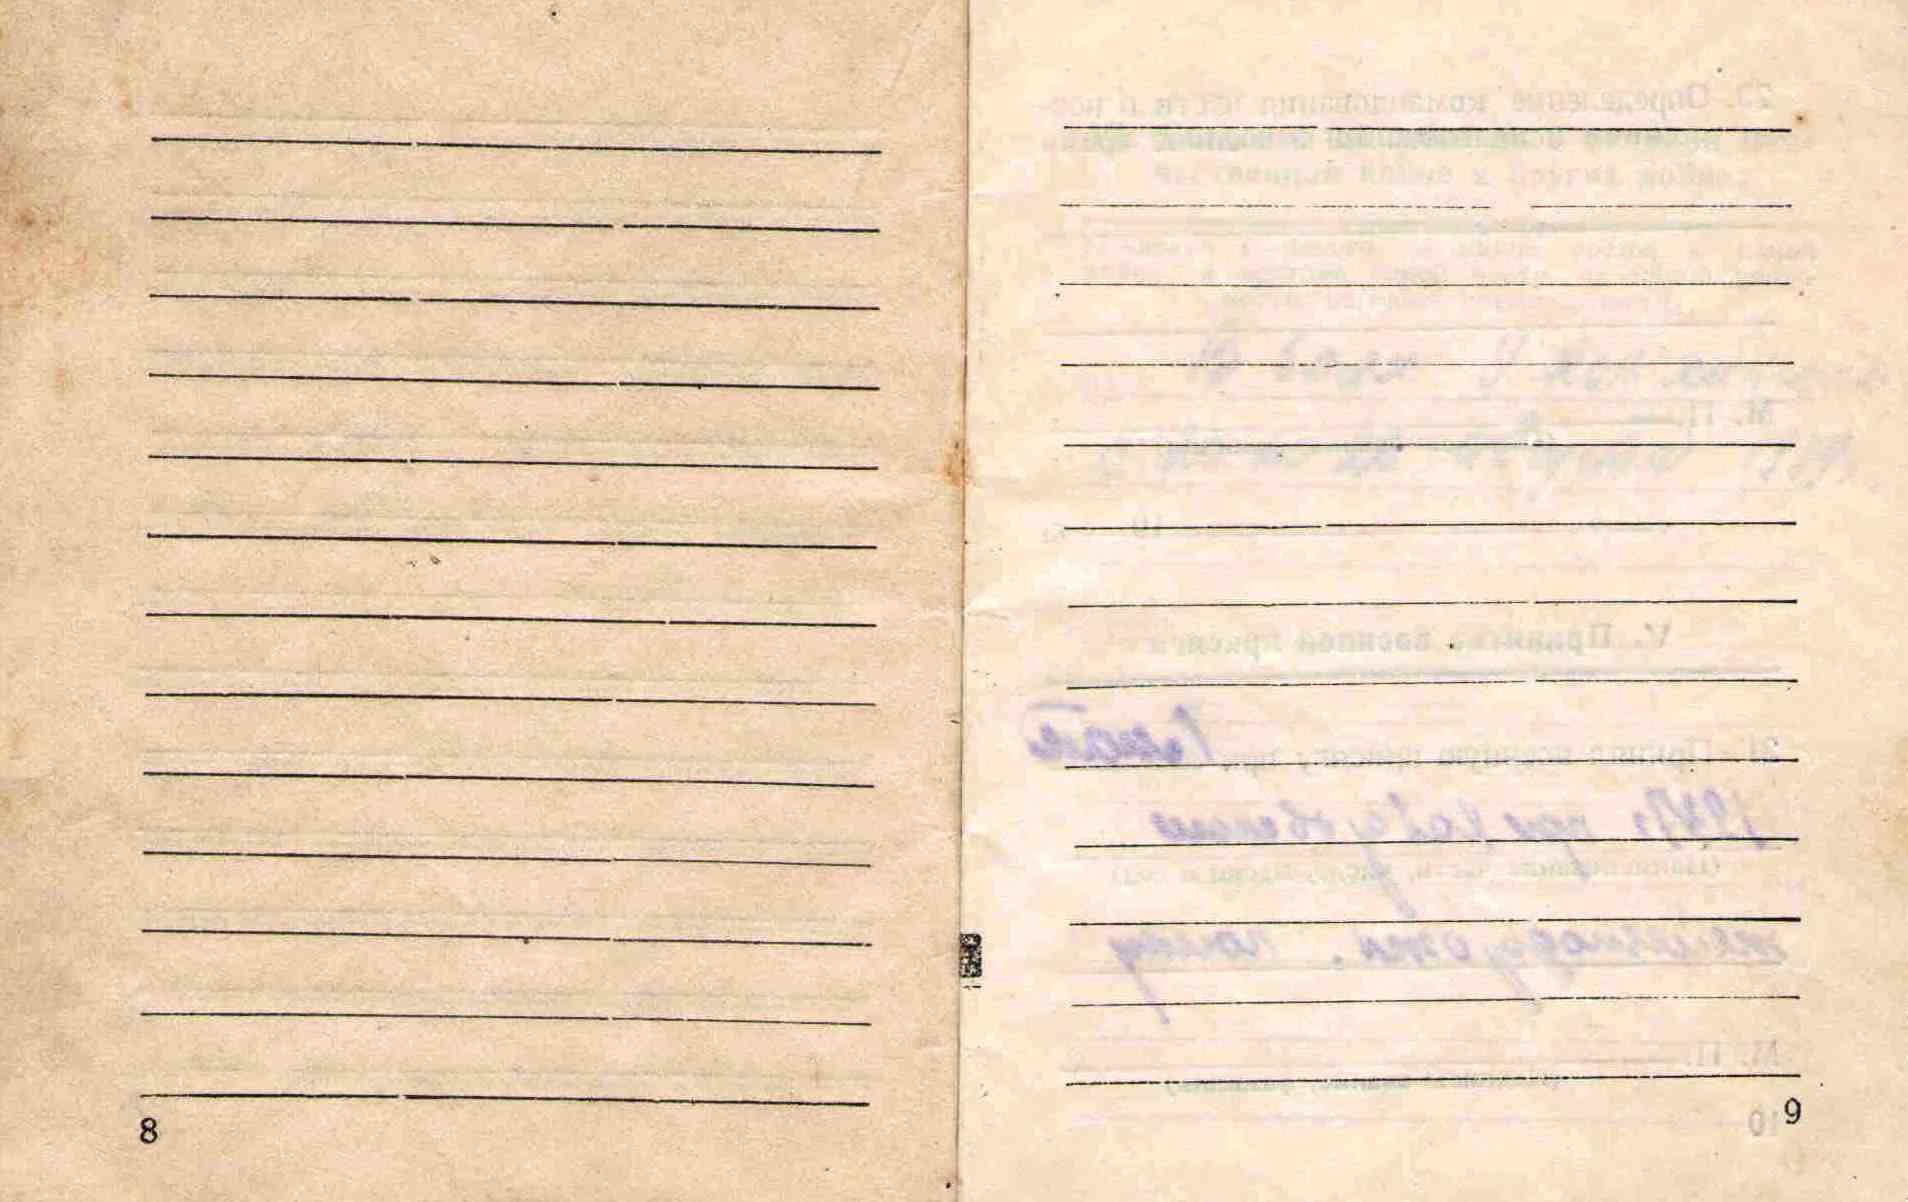 6. Военный билет Барыкина ПП,1948